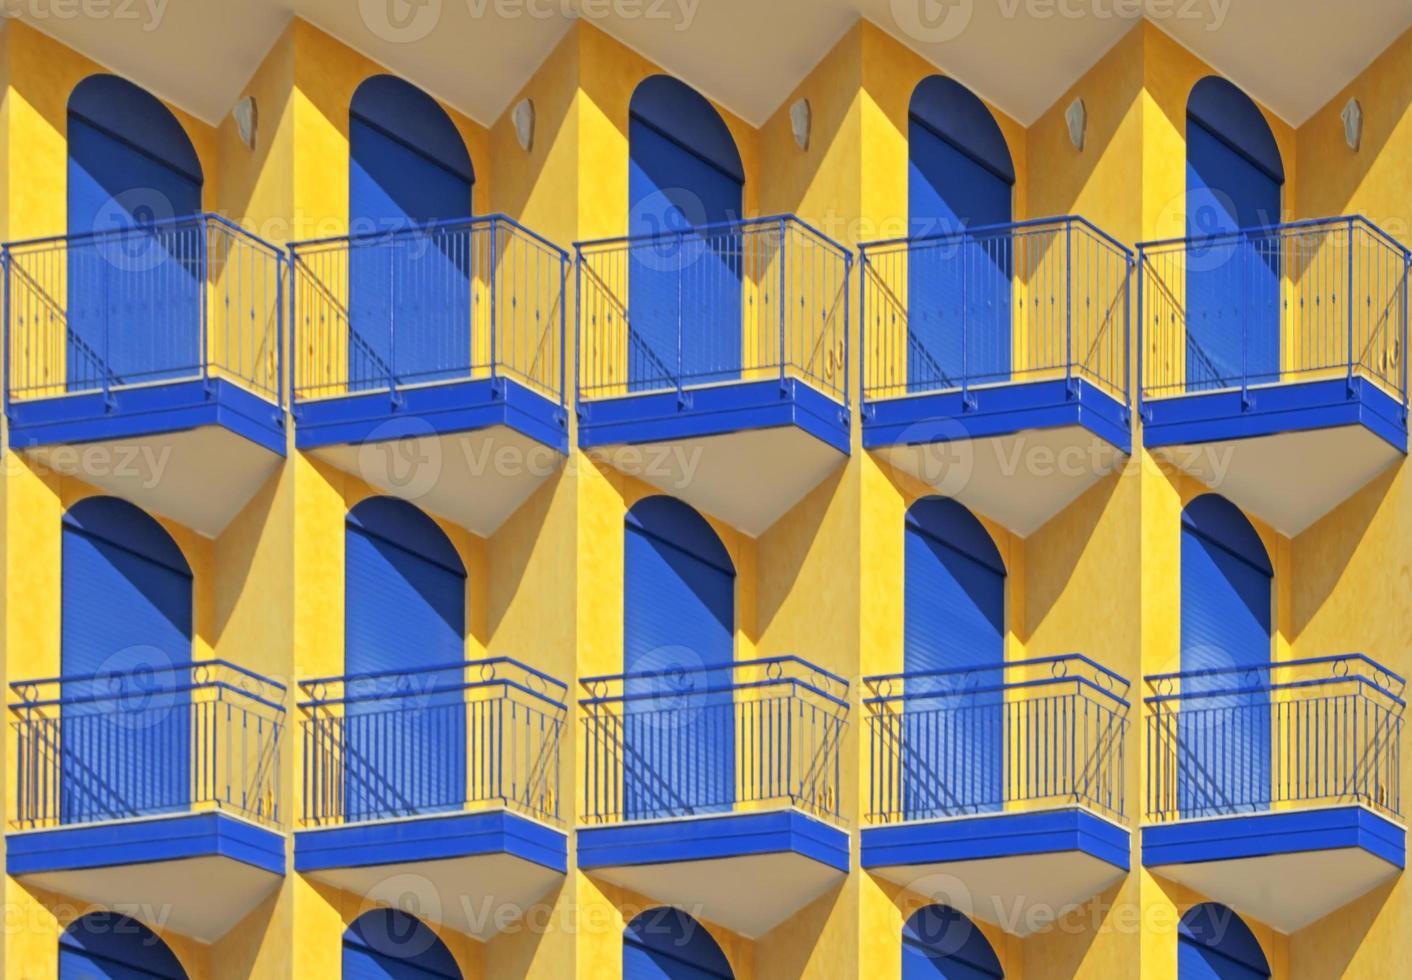 puertas en una fila foto